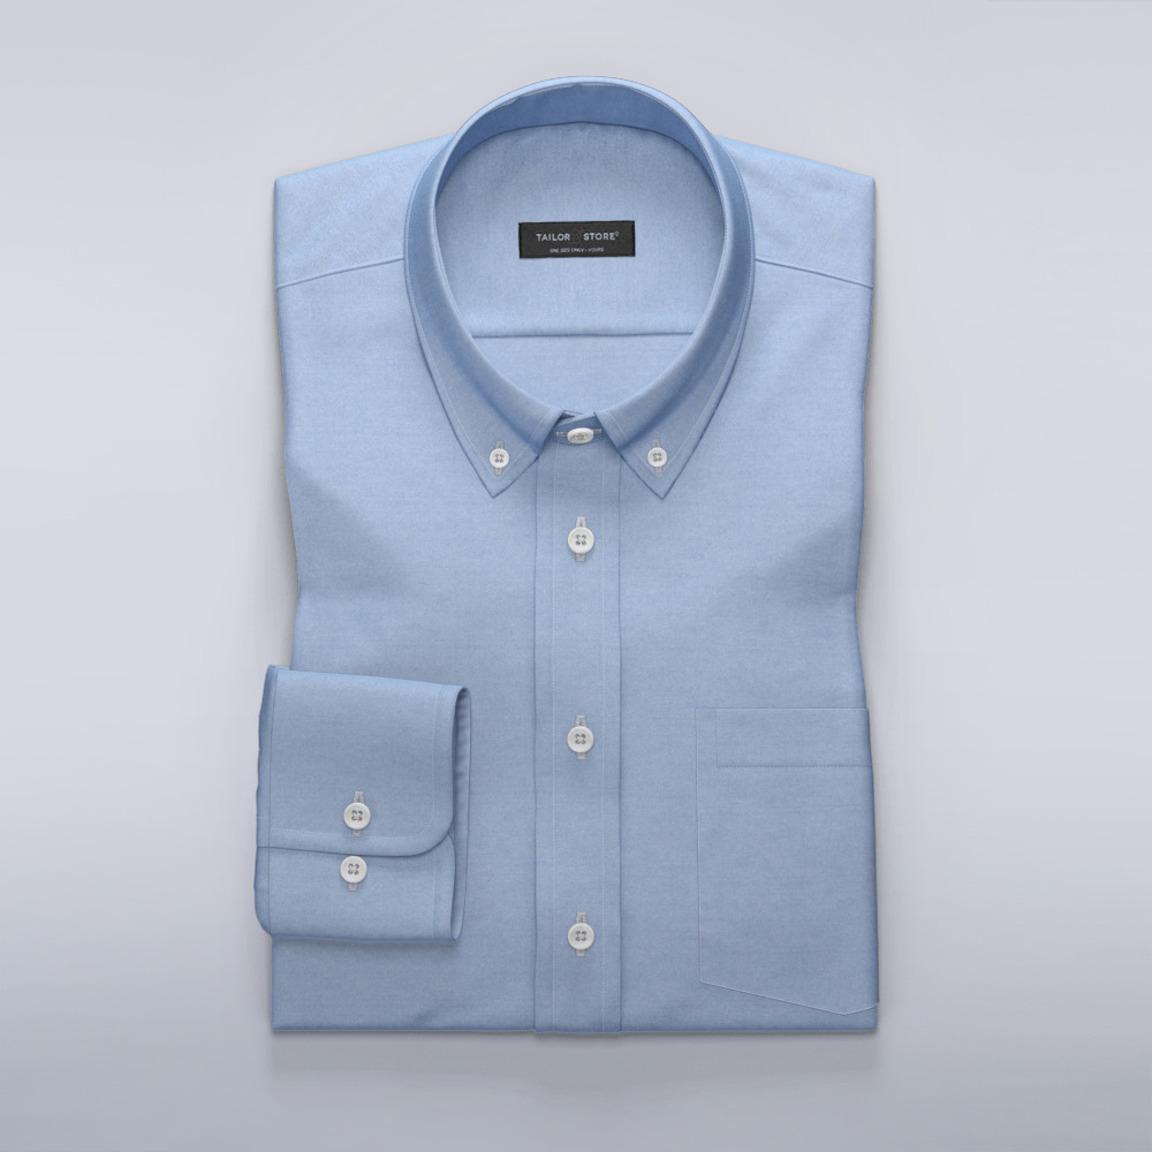 Blå skjorta i pinpoint Oxford